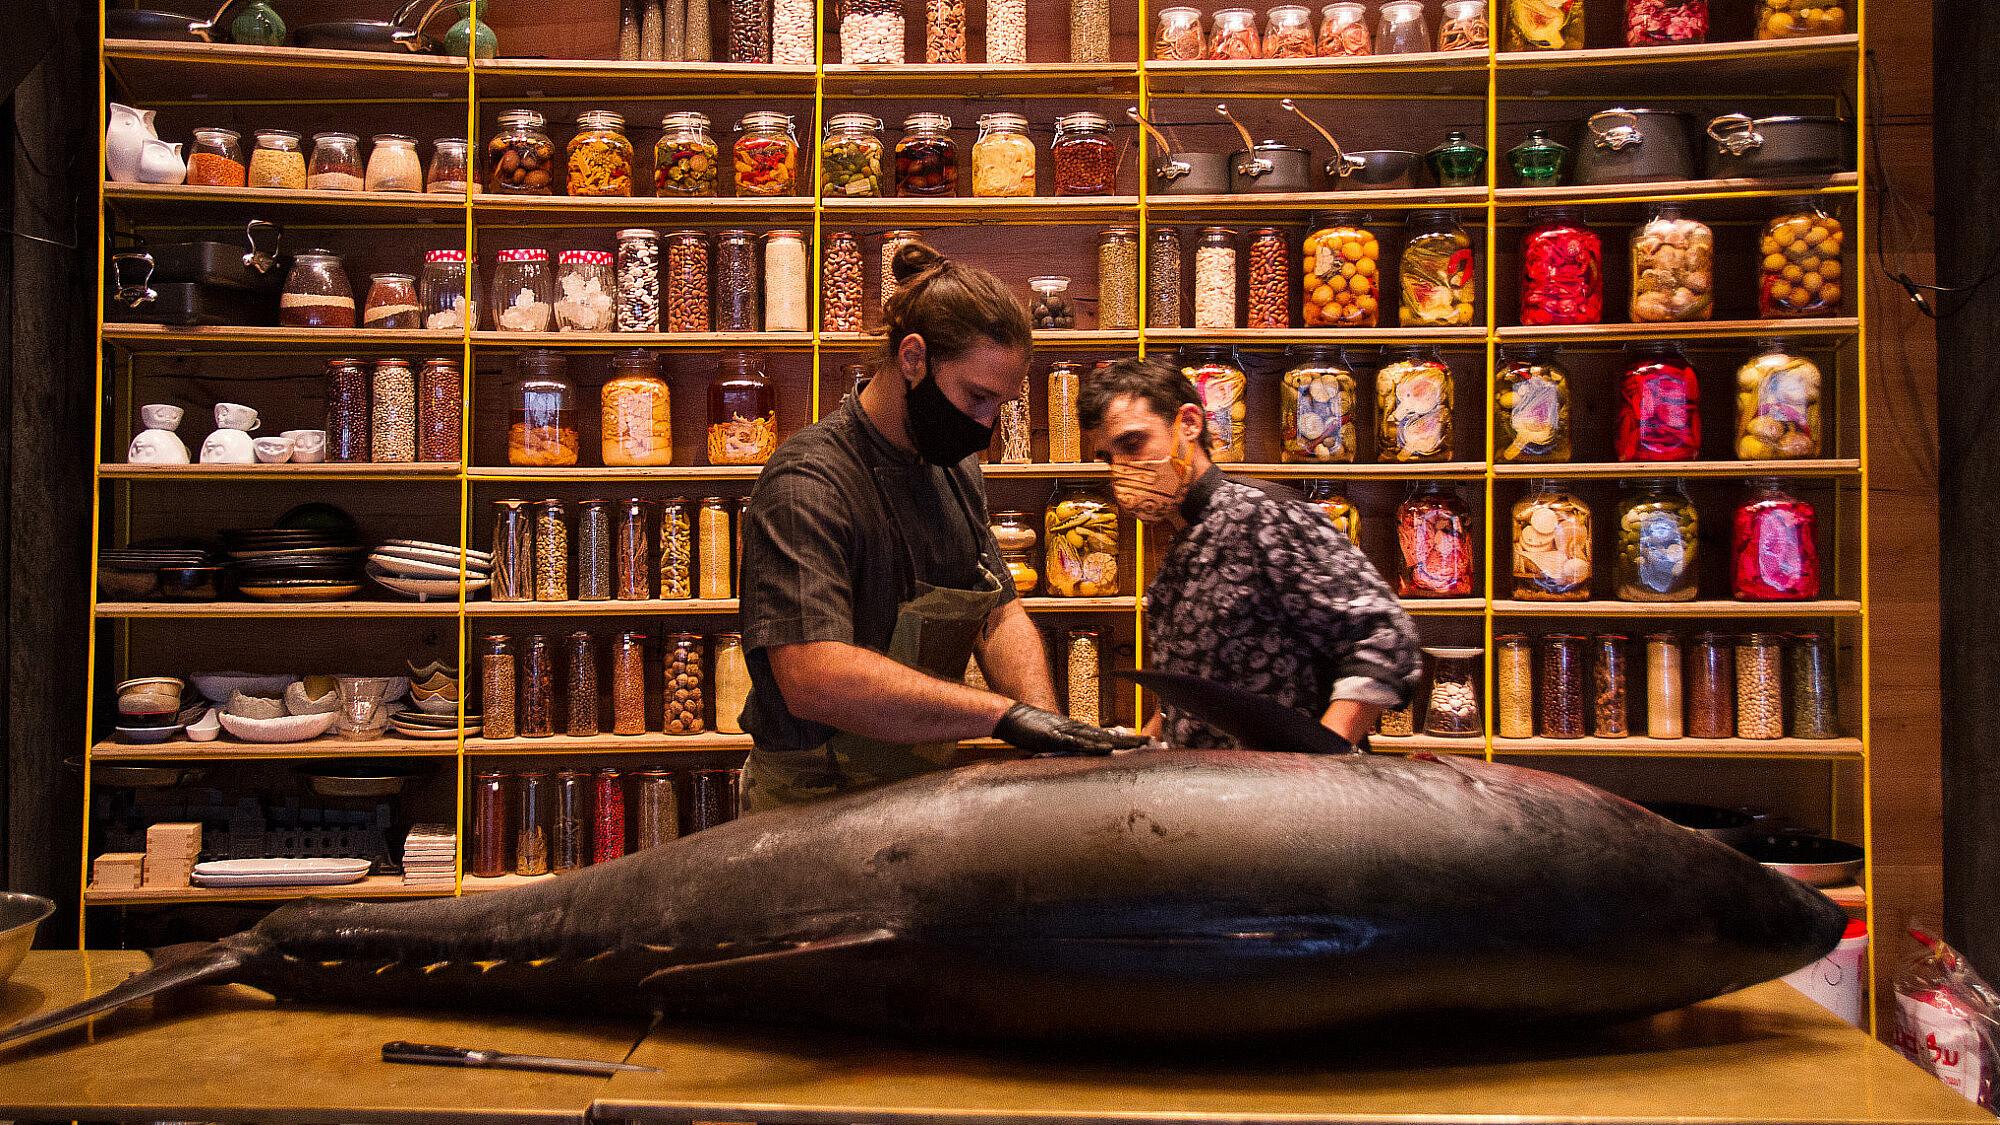 """הזדמנות להתנסות בחוויית הטעם השלמה של הדג שף אור גינסברג מפלט טונה כחולת סנפיר במשקל 200 ק""""ג במסעדת Selas שביפו. צילום: מאיי תדהר"""